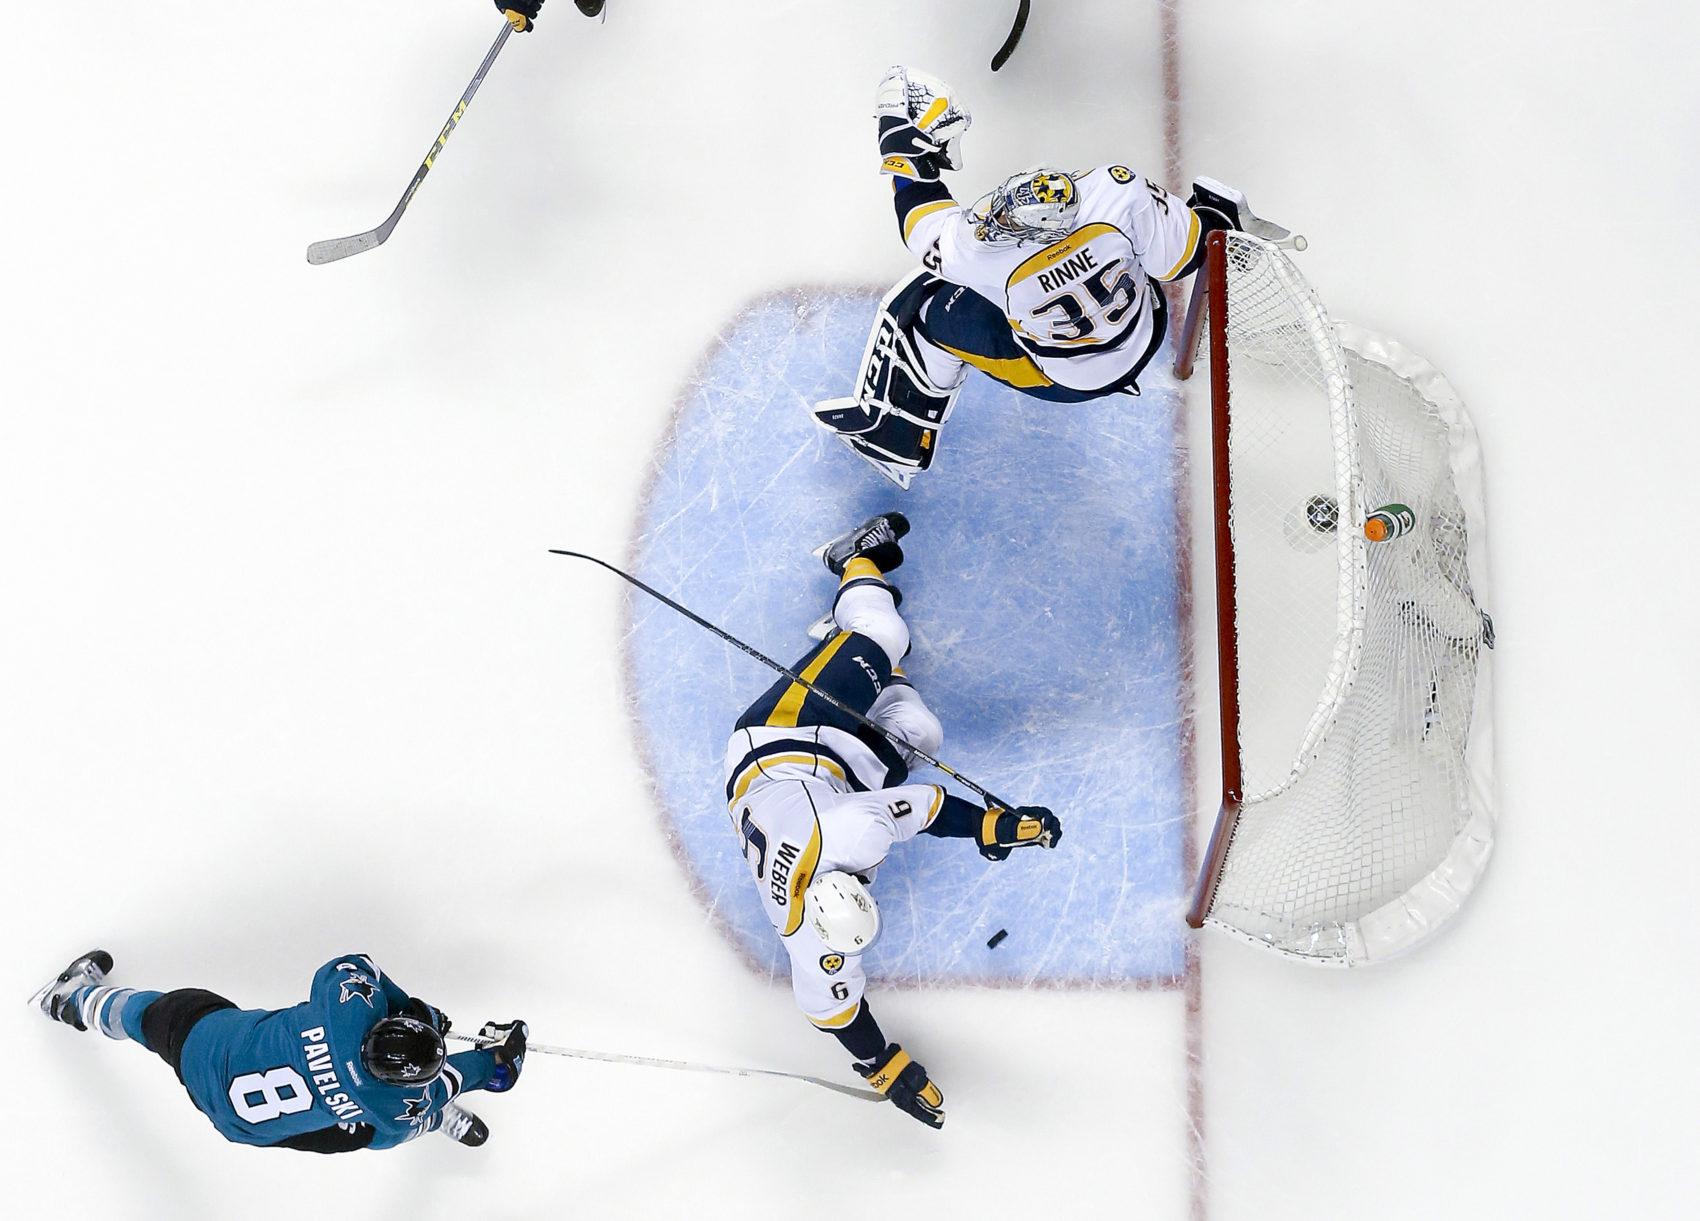 Daliborov svet NHL, 2.5.2016